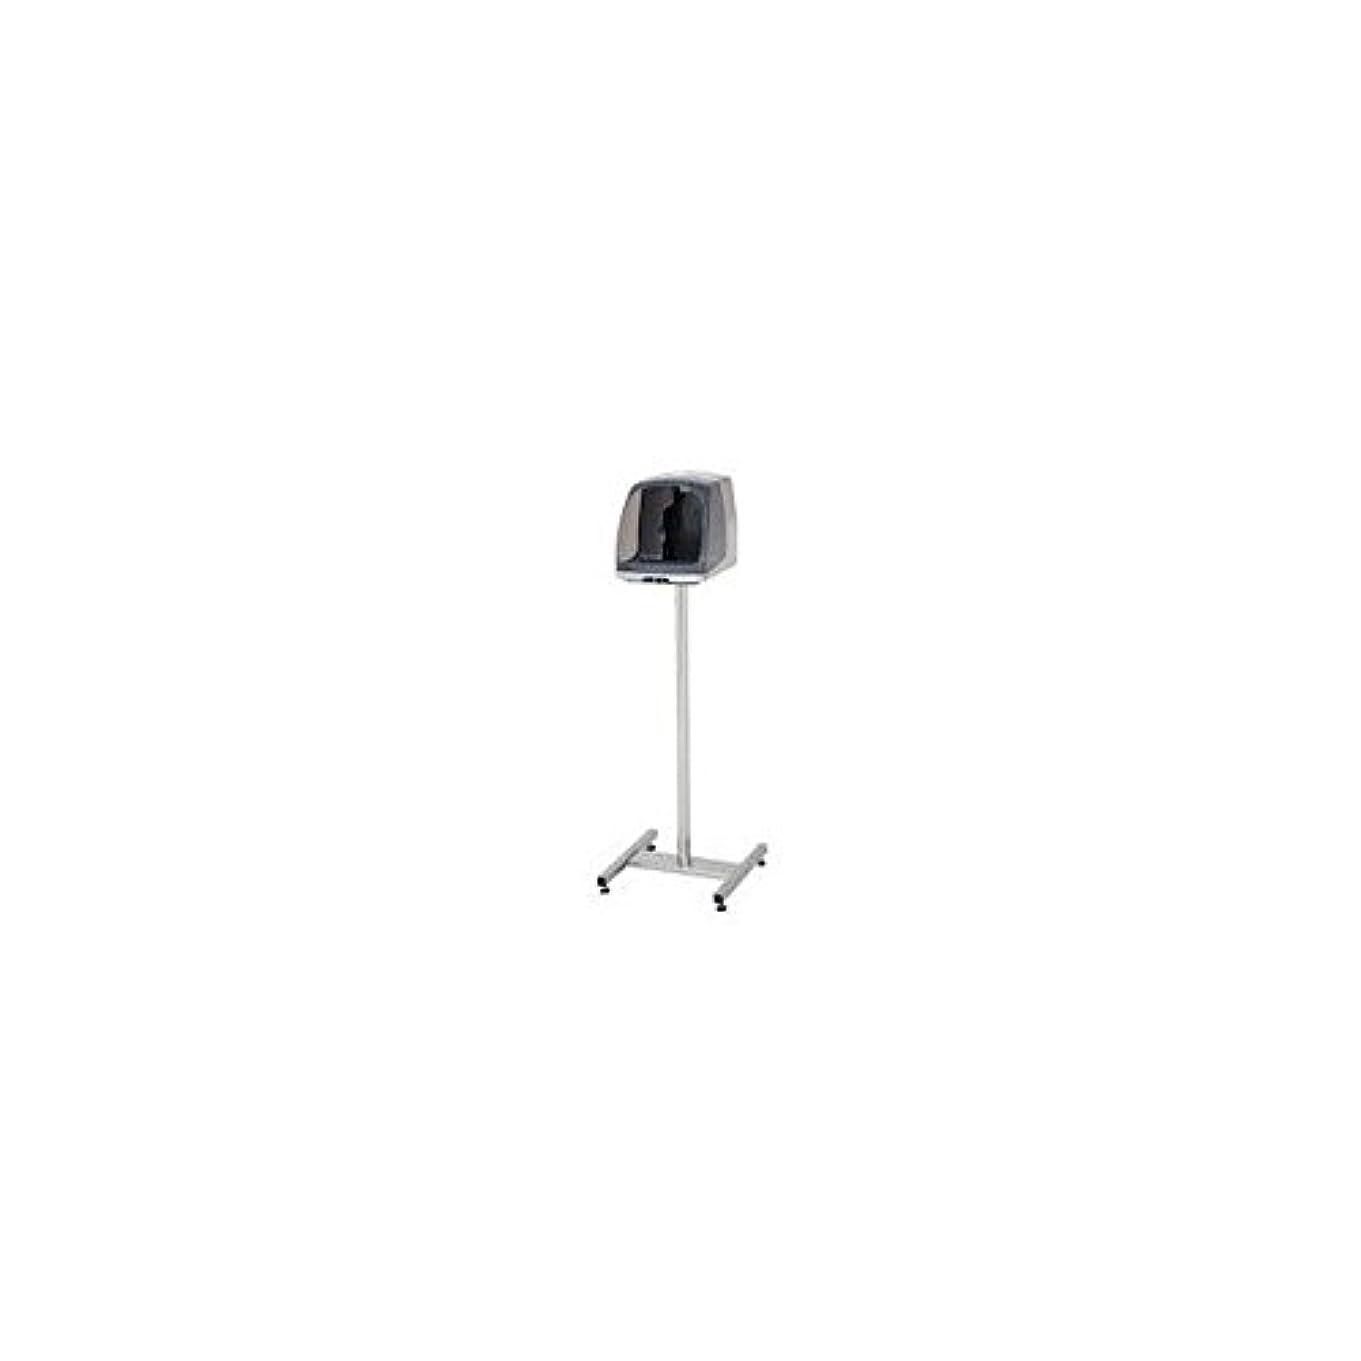 想像する鷹教える自動手指消毒器 HDI-9000用 架台スタンド キャスターなし 【品番】XSY8501